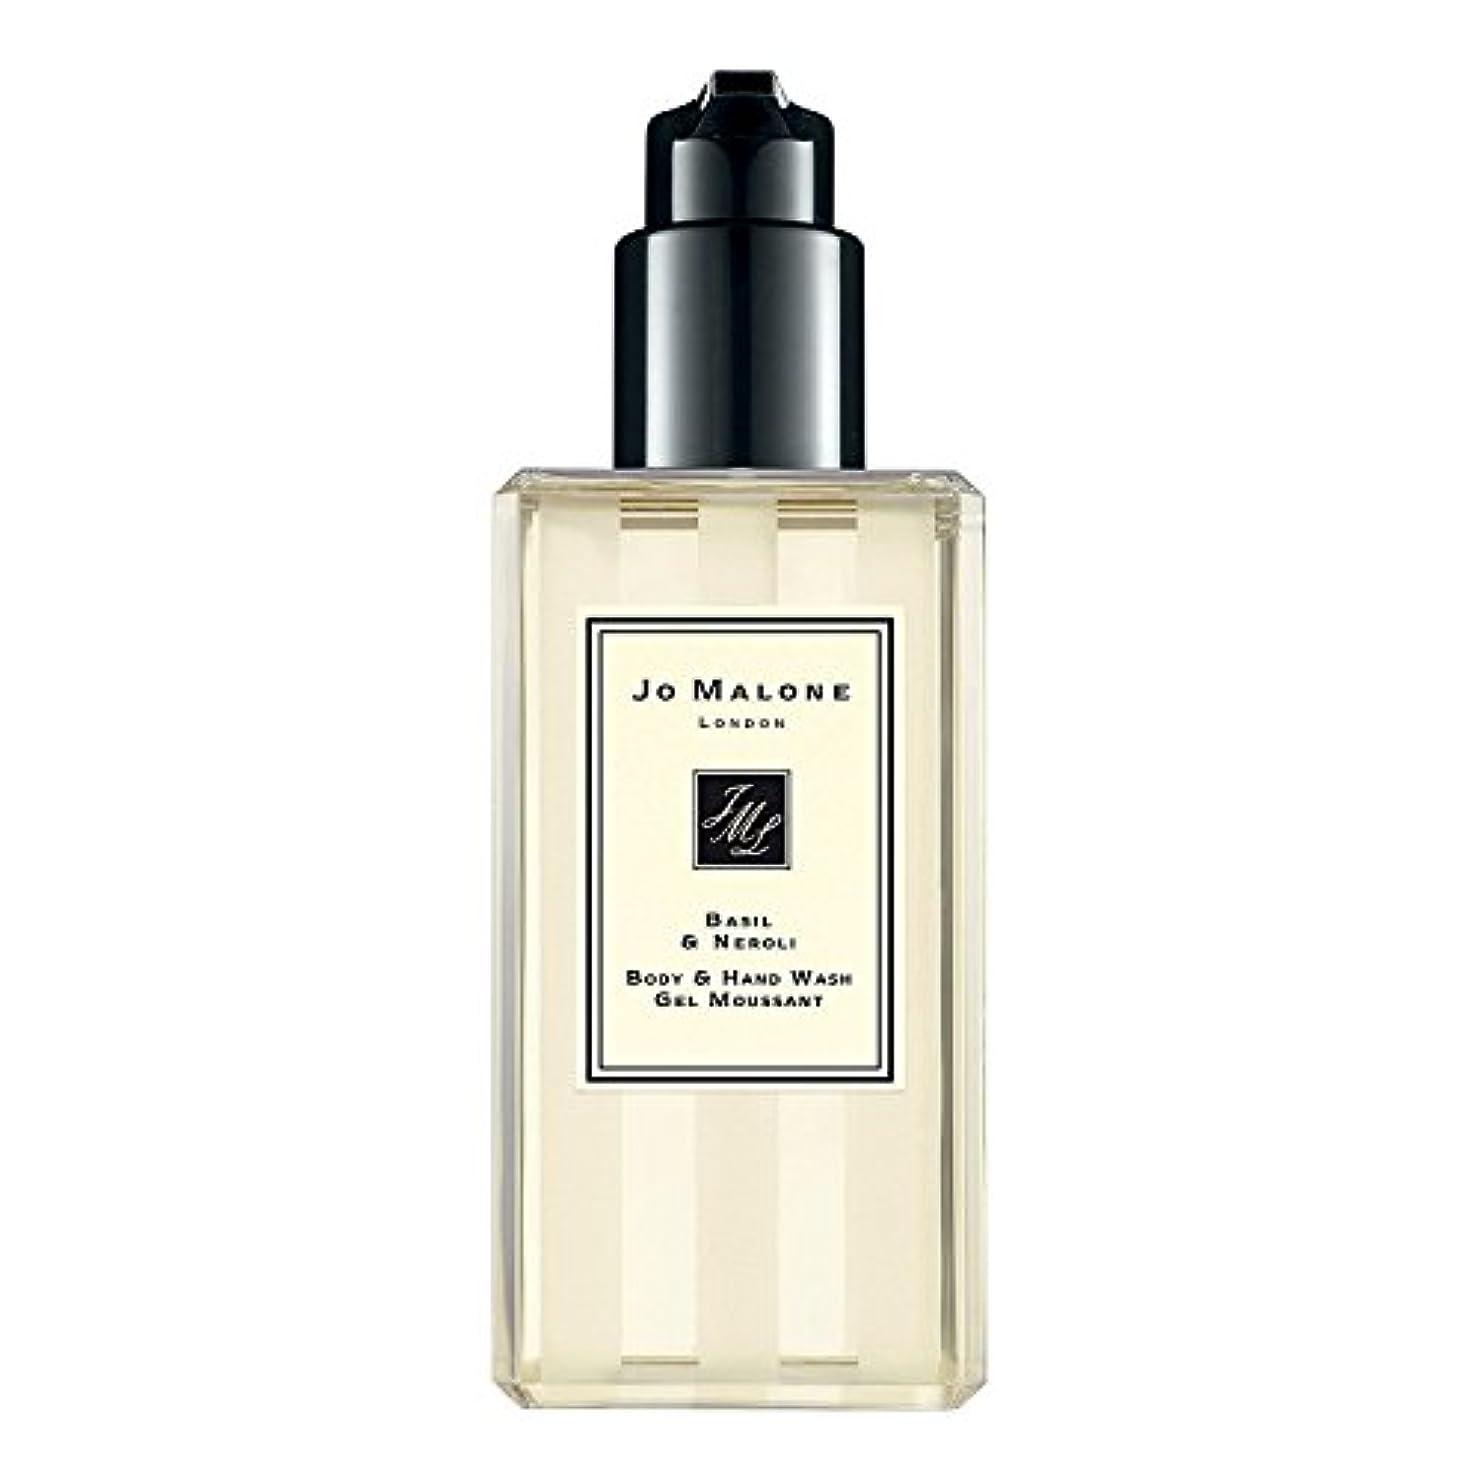 調整する急降下実業家ジョーマローン Basil & Neroli Body & Hand Wash 250ml/8.5oz並行輸入品